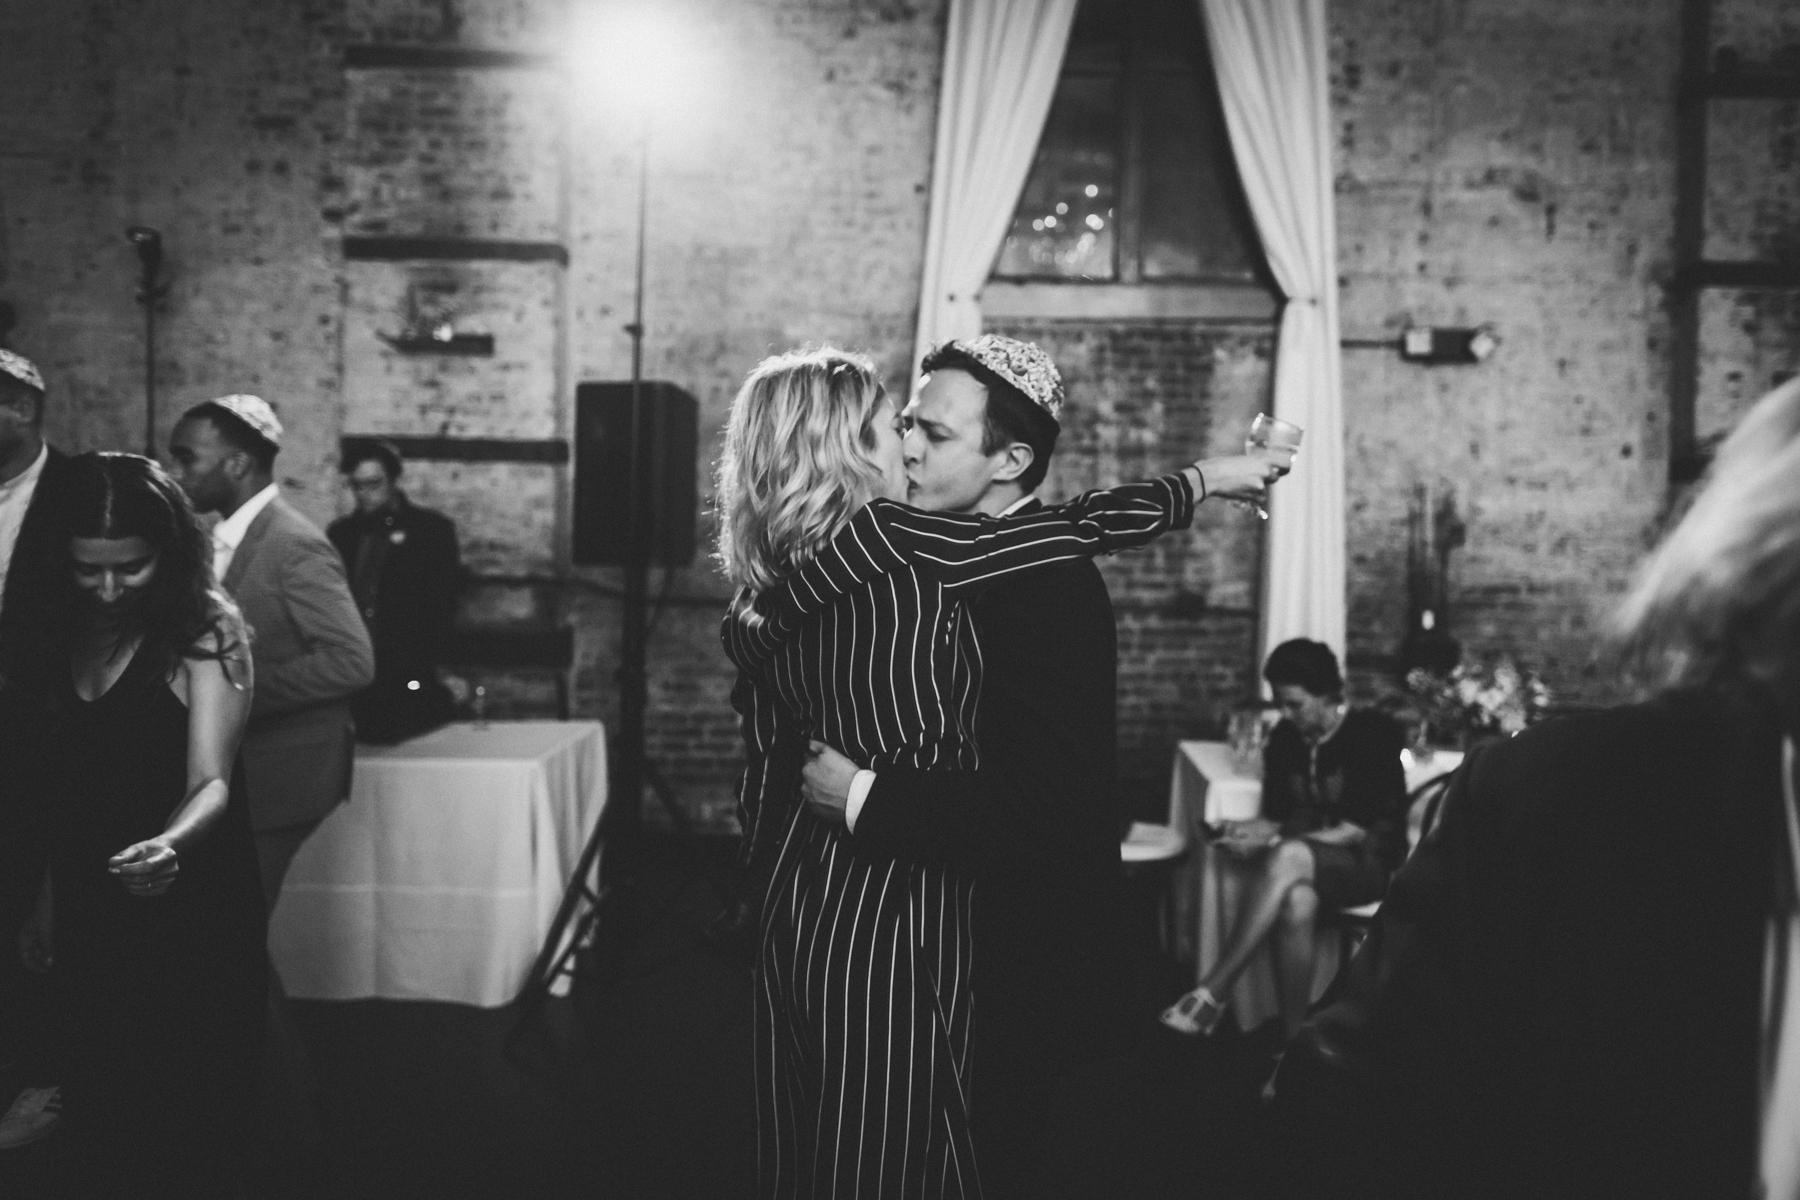 Wythe-Hotel-Green-Building-Brooklyn-Documentary-Wedding-Photography-116.jpg